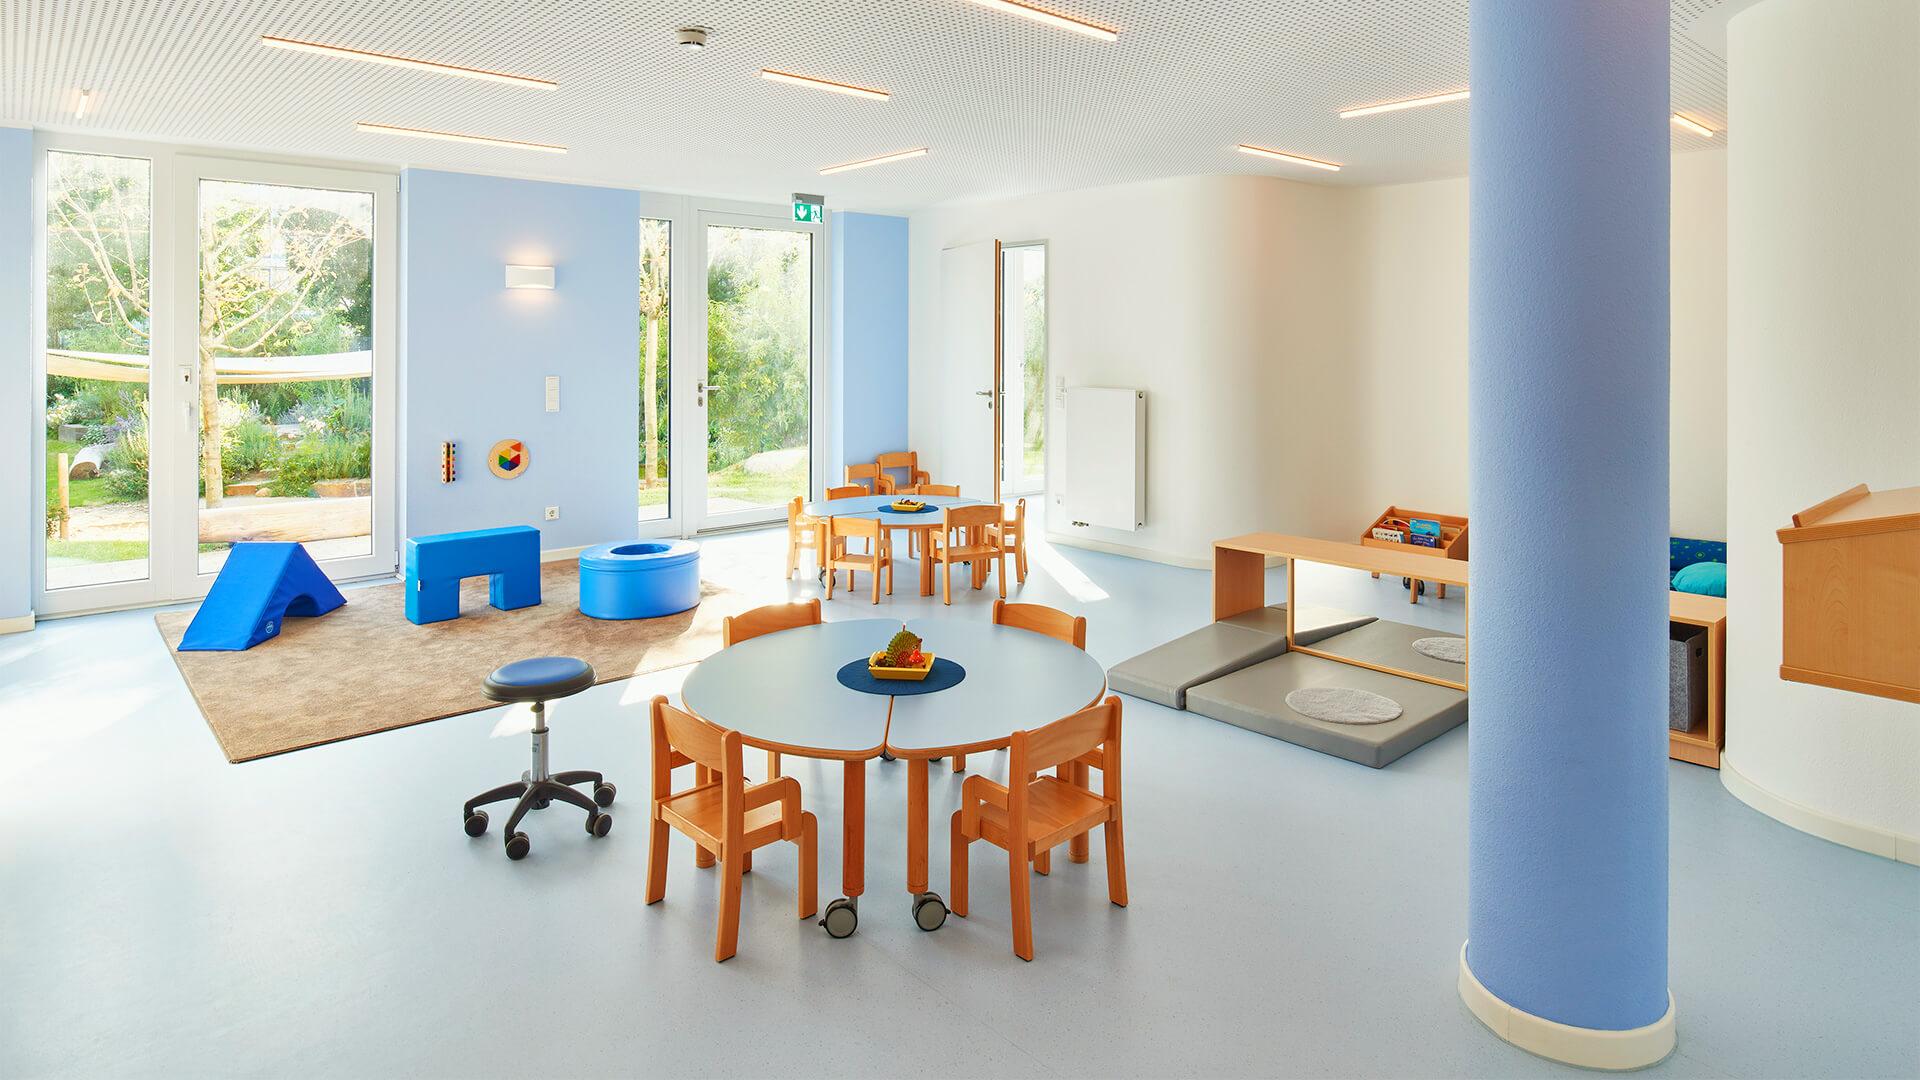 Freundlich-moderner Betriebskindergarten von innen - in blautönen, mit weichen Sitzmöglichkeiten.